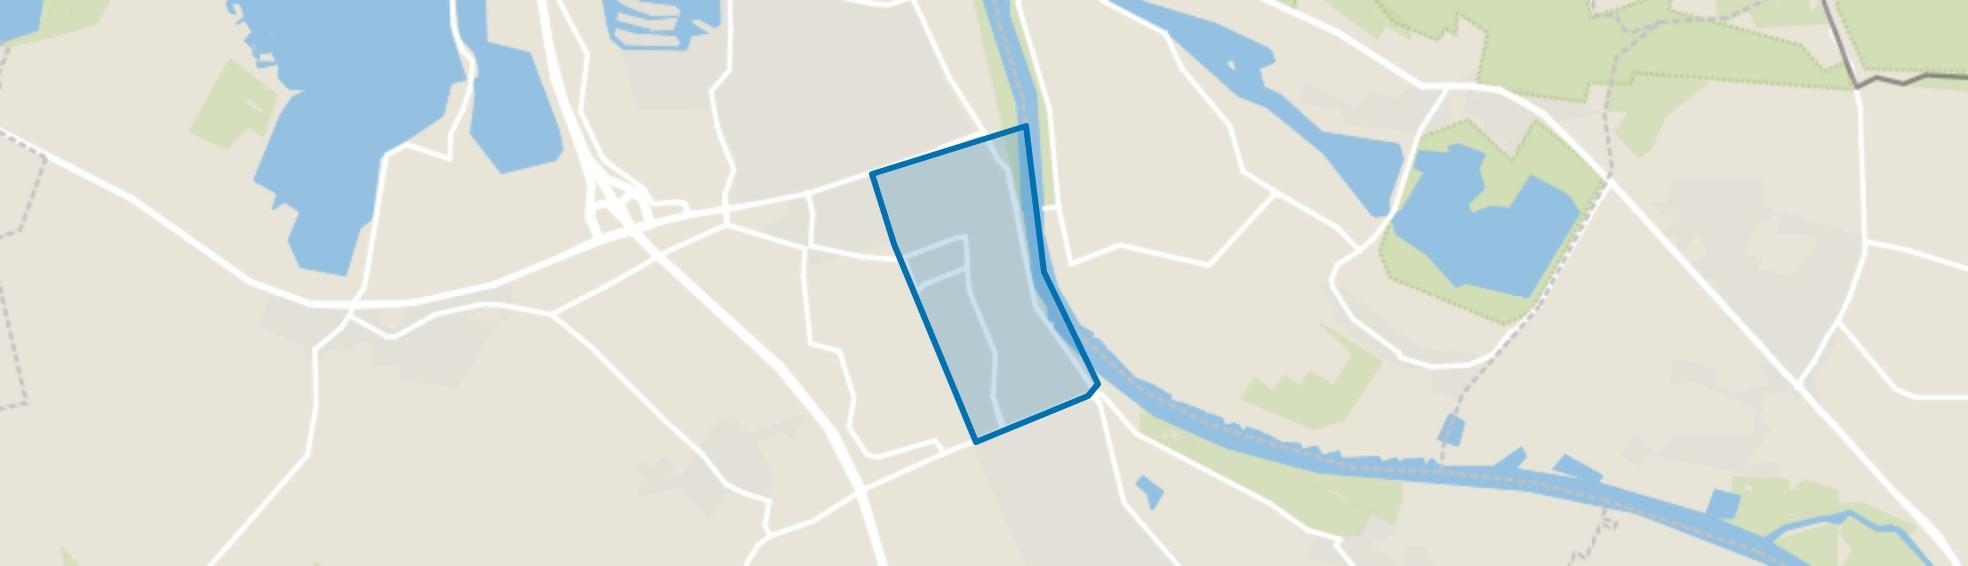 Cuijk kern, Cuijk map